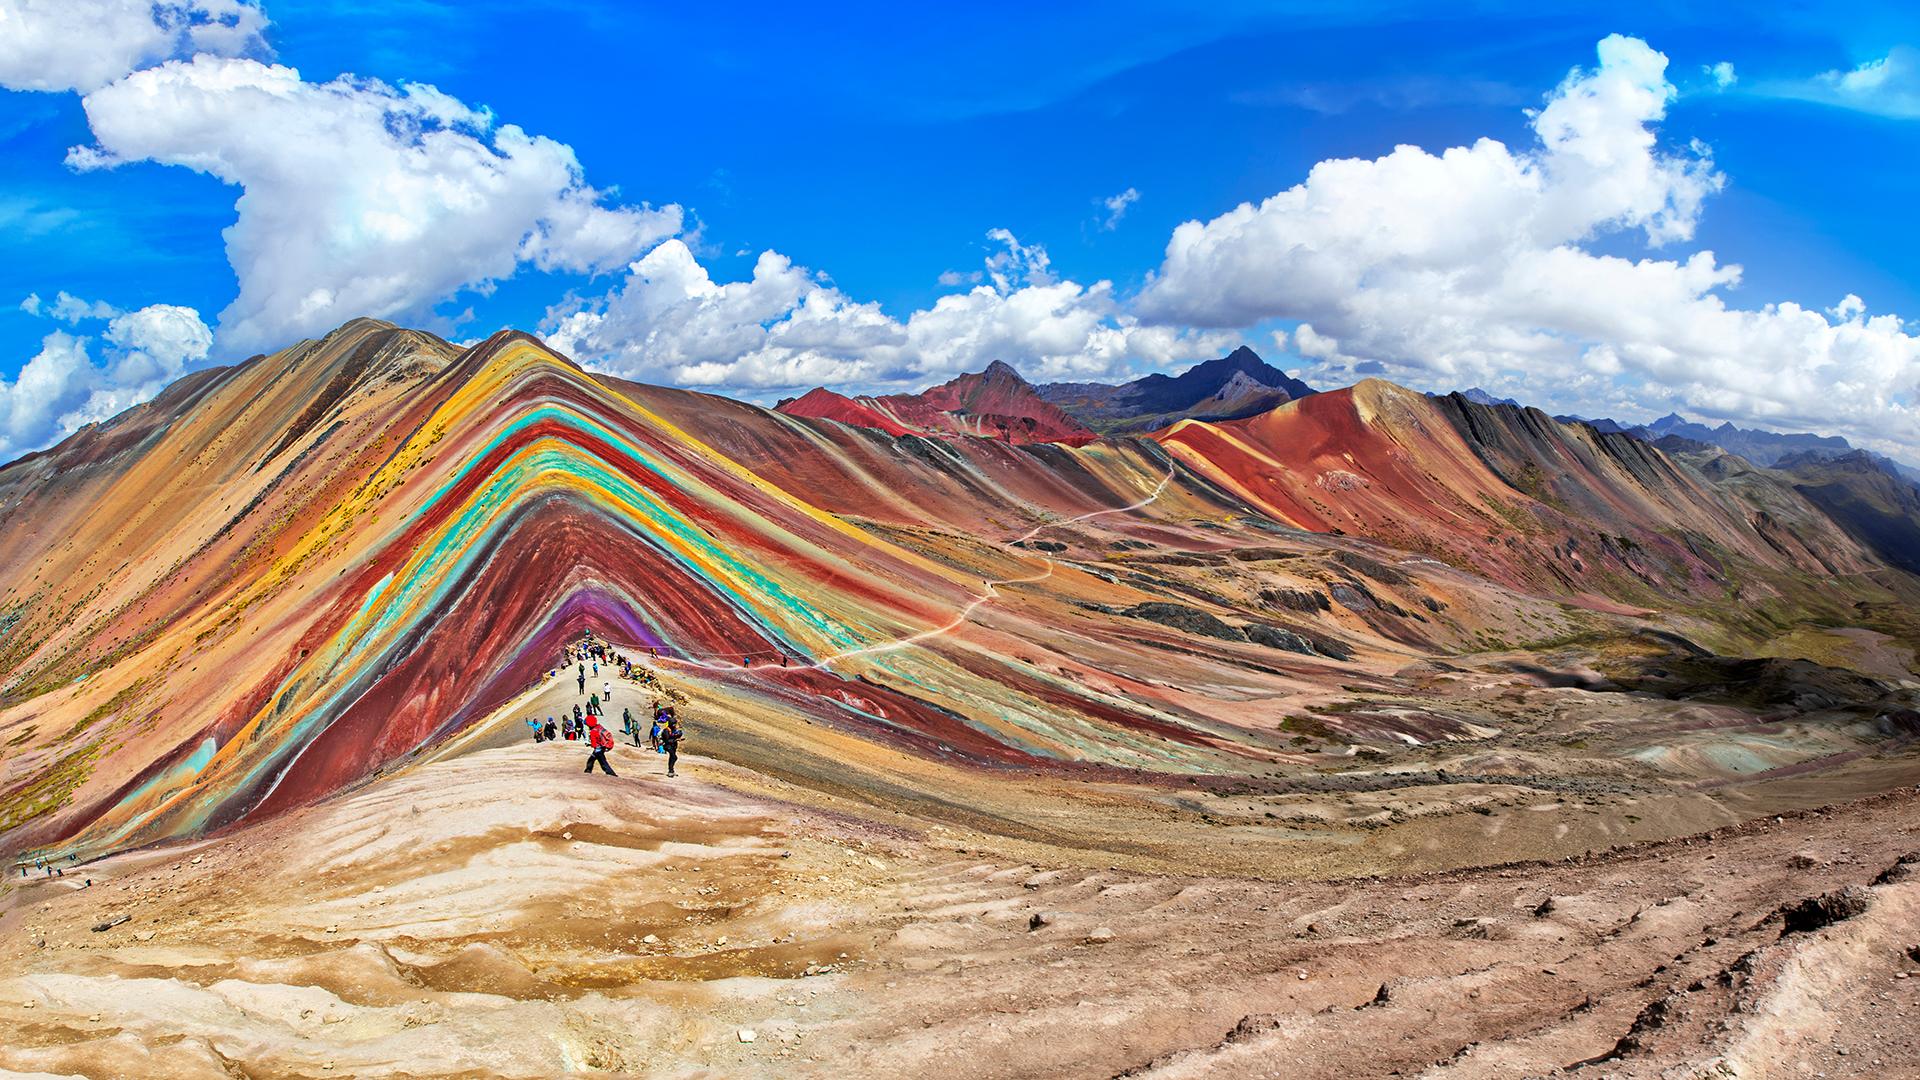 En Perú los festivales marcan ritos antiguos, la vanguardia urbana fomenta la innovación y la naturaleza otorga una espléndida diversidad /// Fotos: Shutterstock